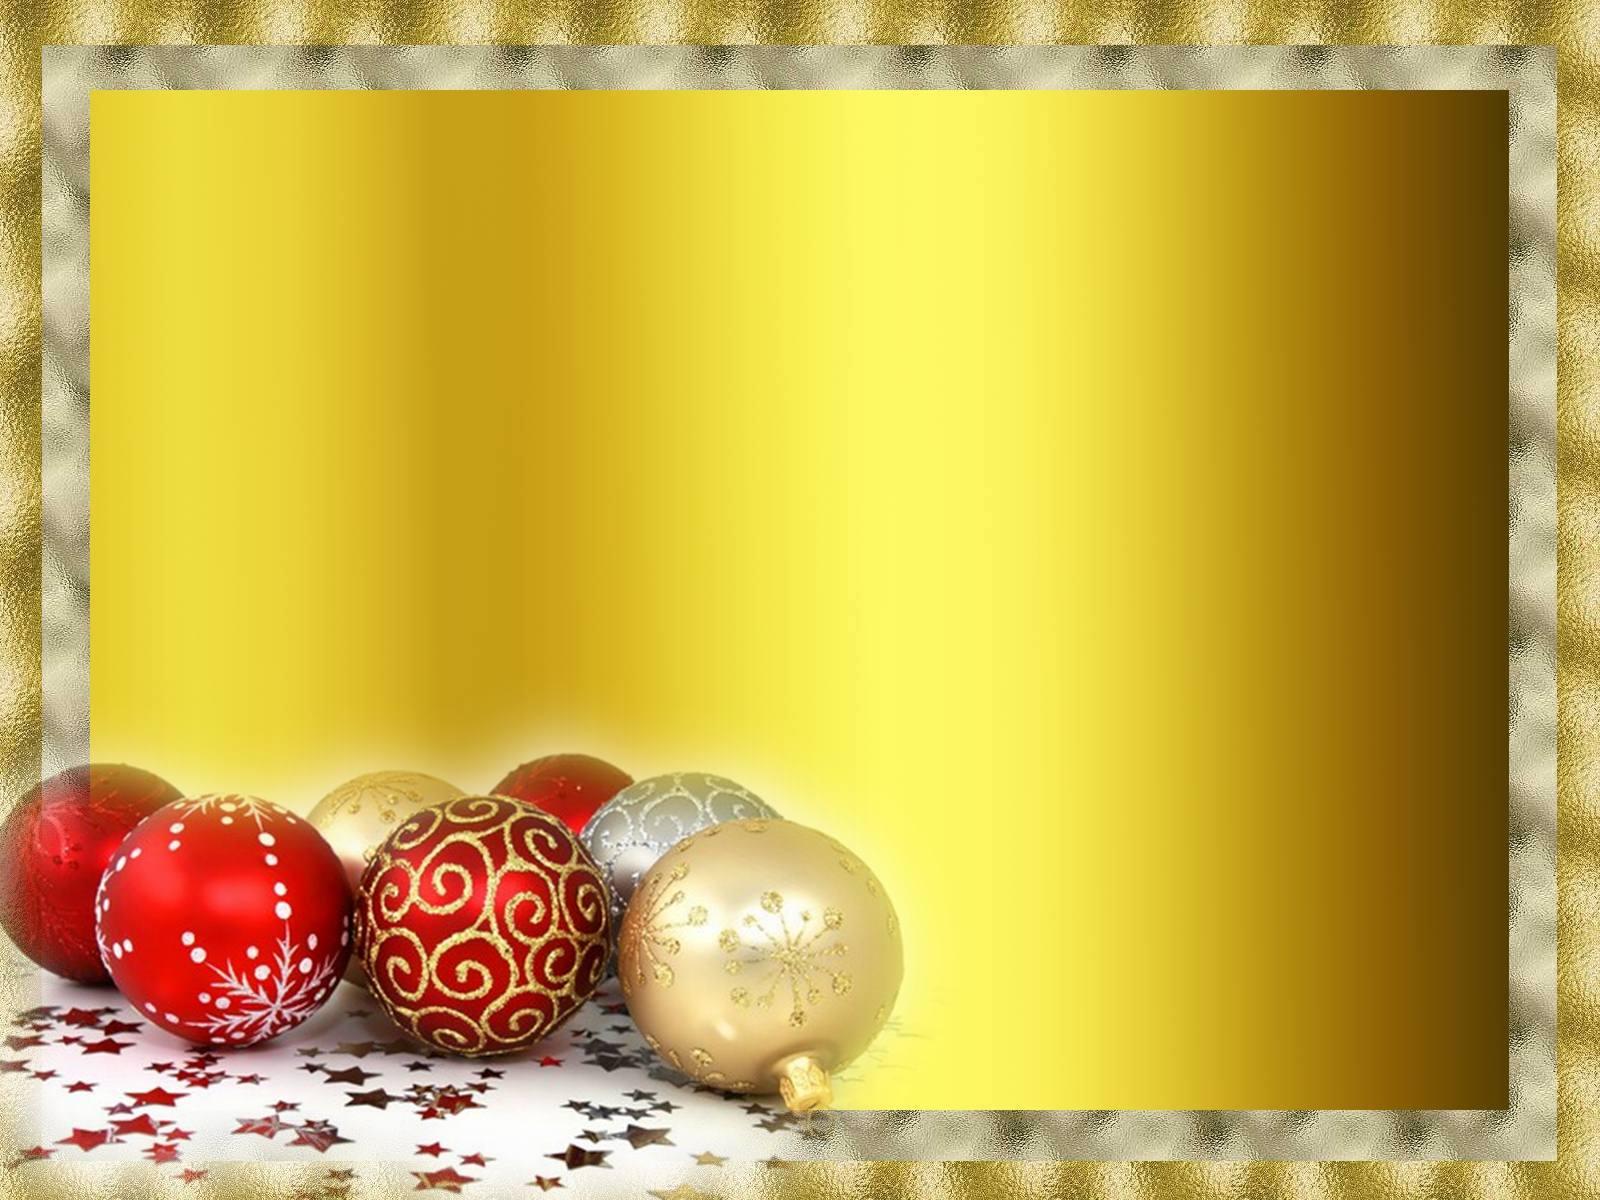 Fondo De Navidad Para Fotos: Fondos Para Hacer Tus Wallpapers De Navidad,christmas